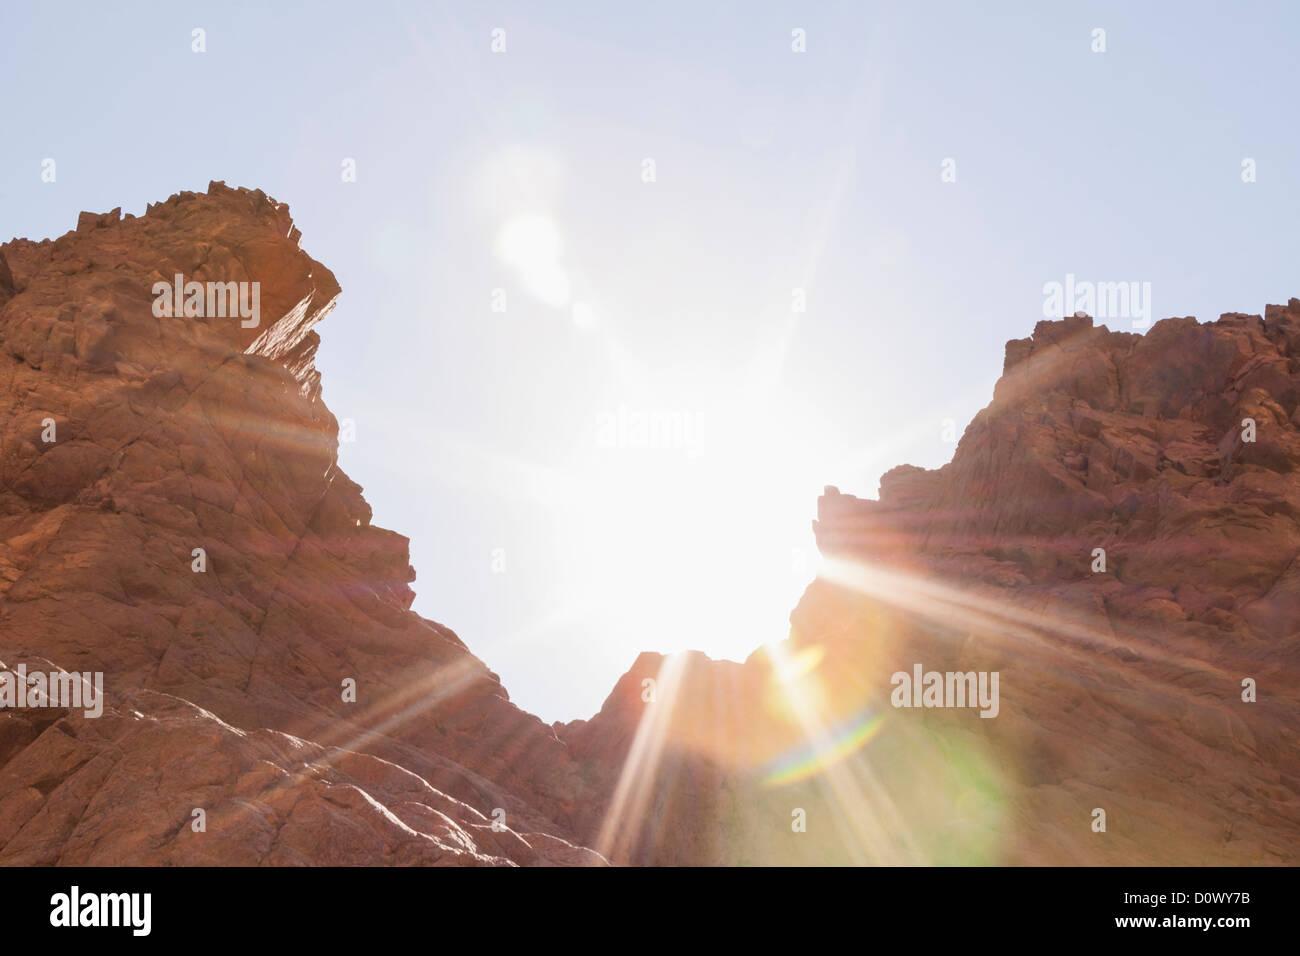 Desert rocks with solar flare, Sinai, Egypt - Stock Image